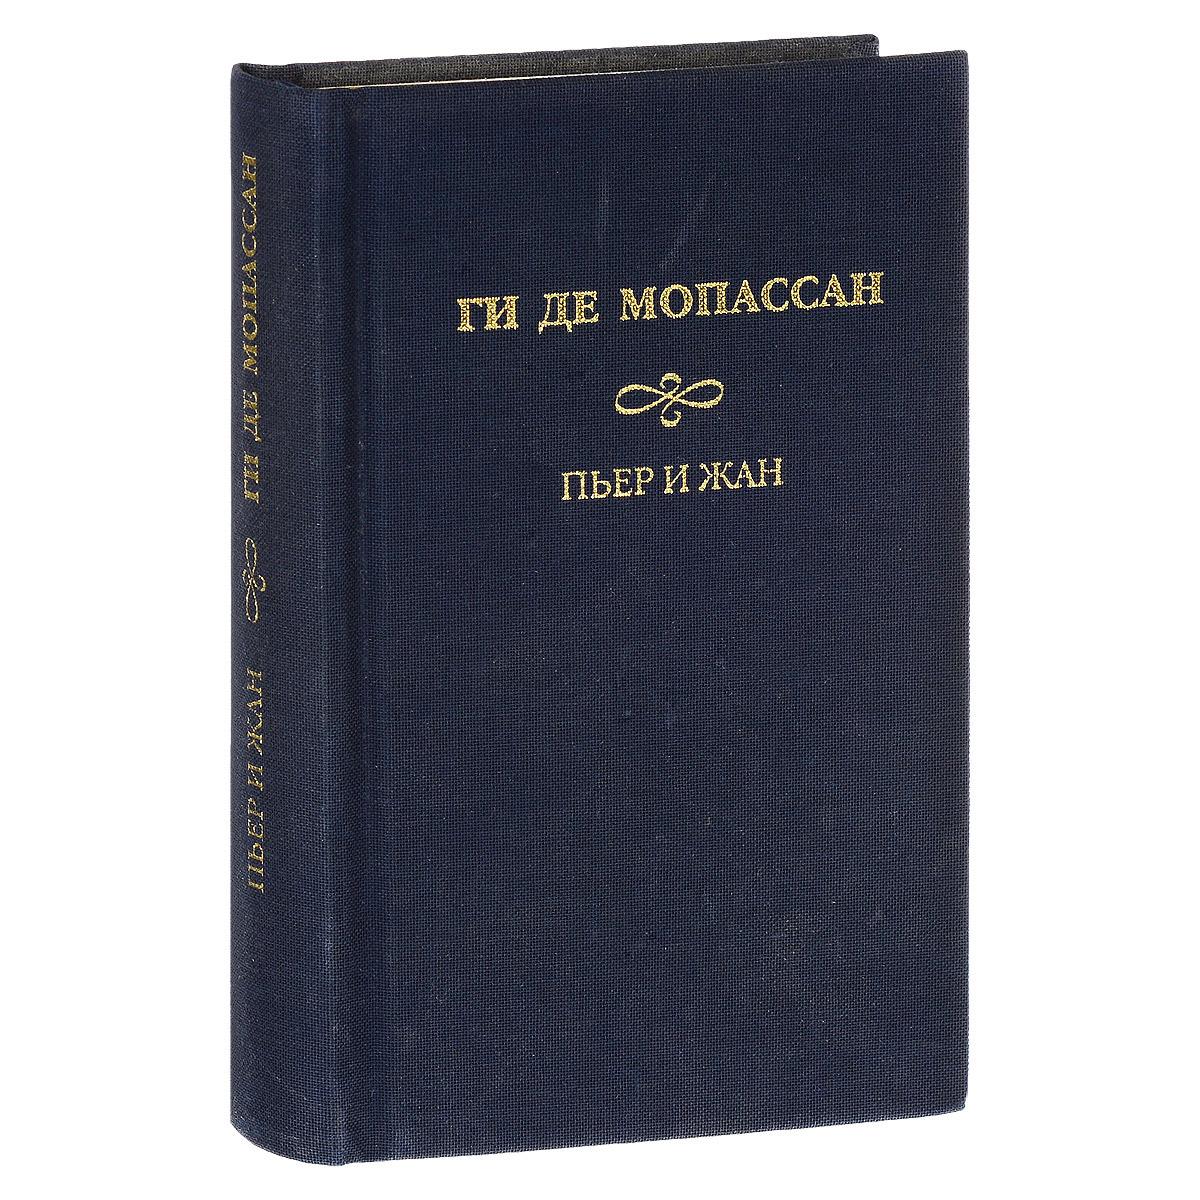 Ги де Мопассан Собрание сочинений. Том 8. Пьер и Жан (подарочное издание)